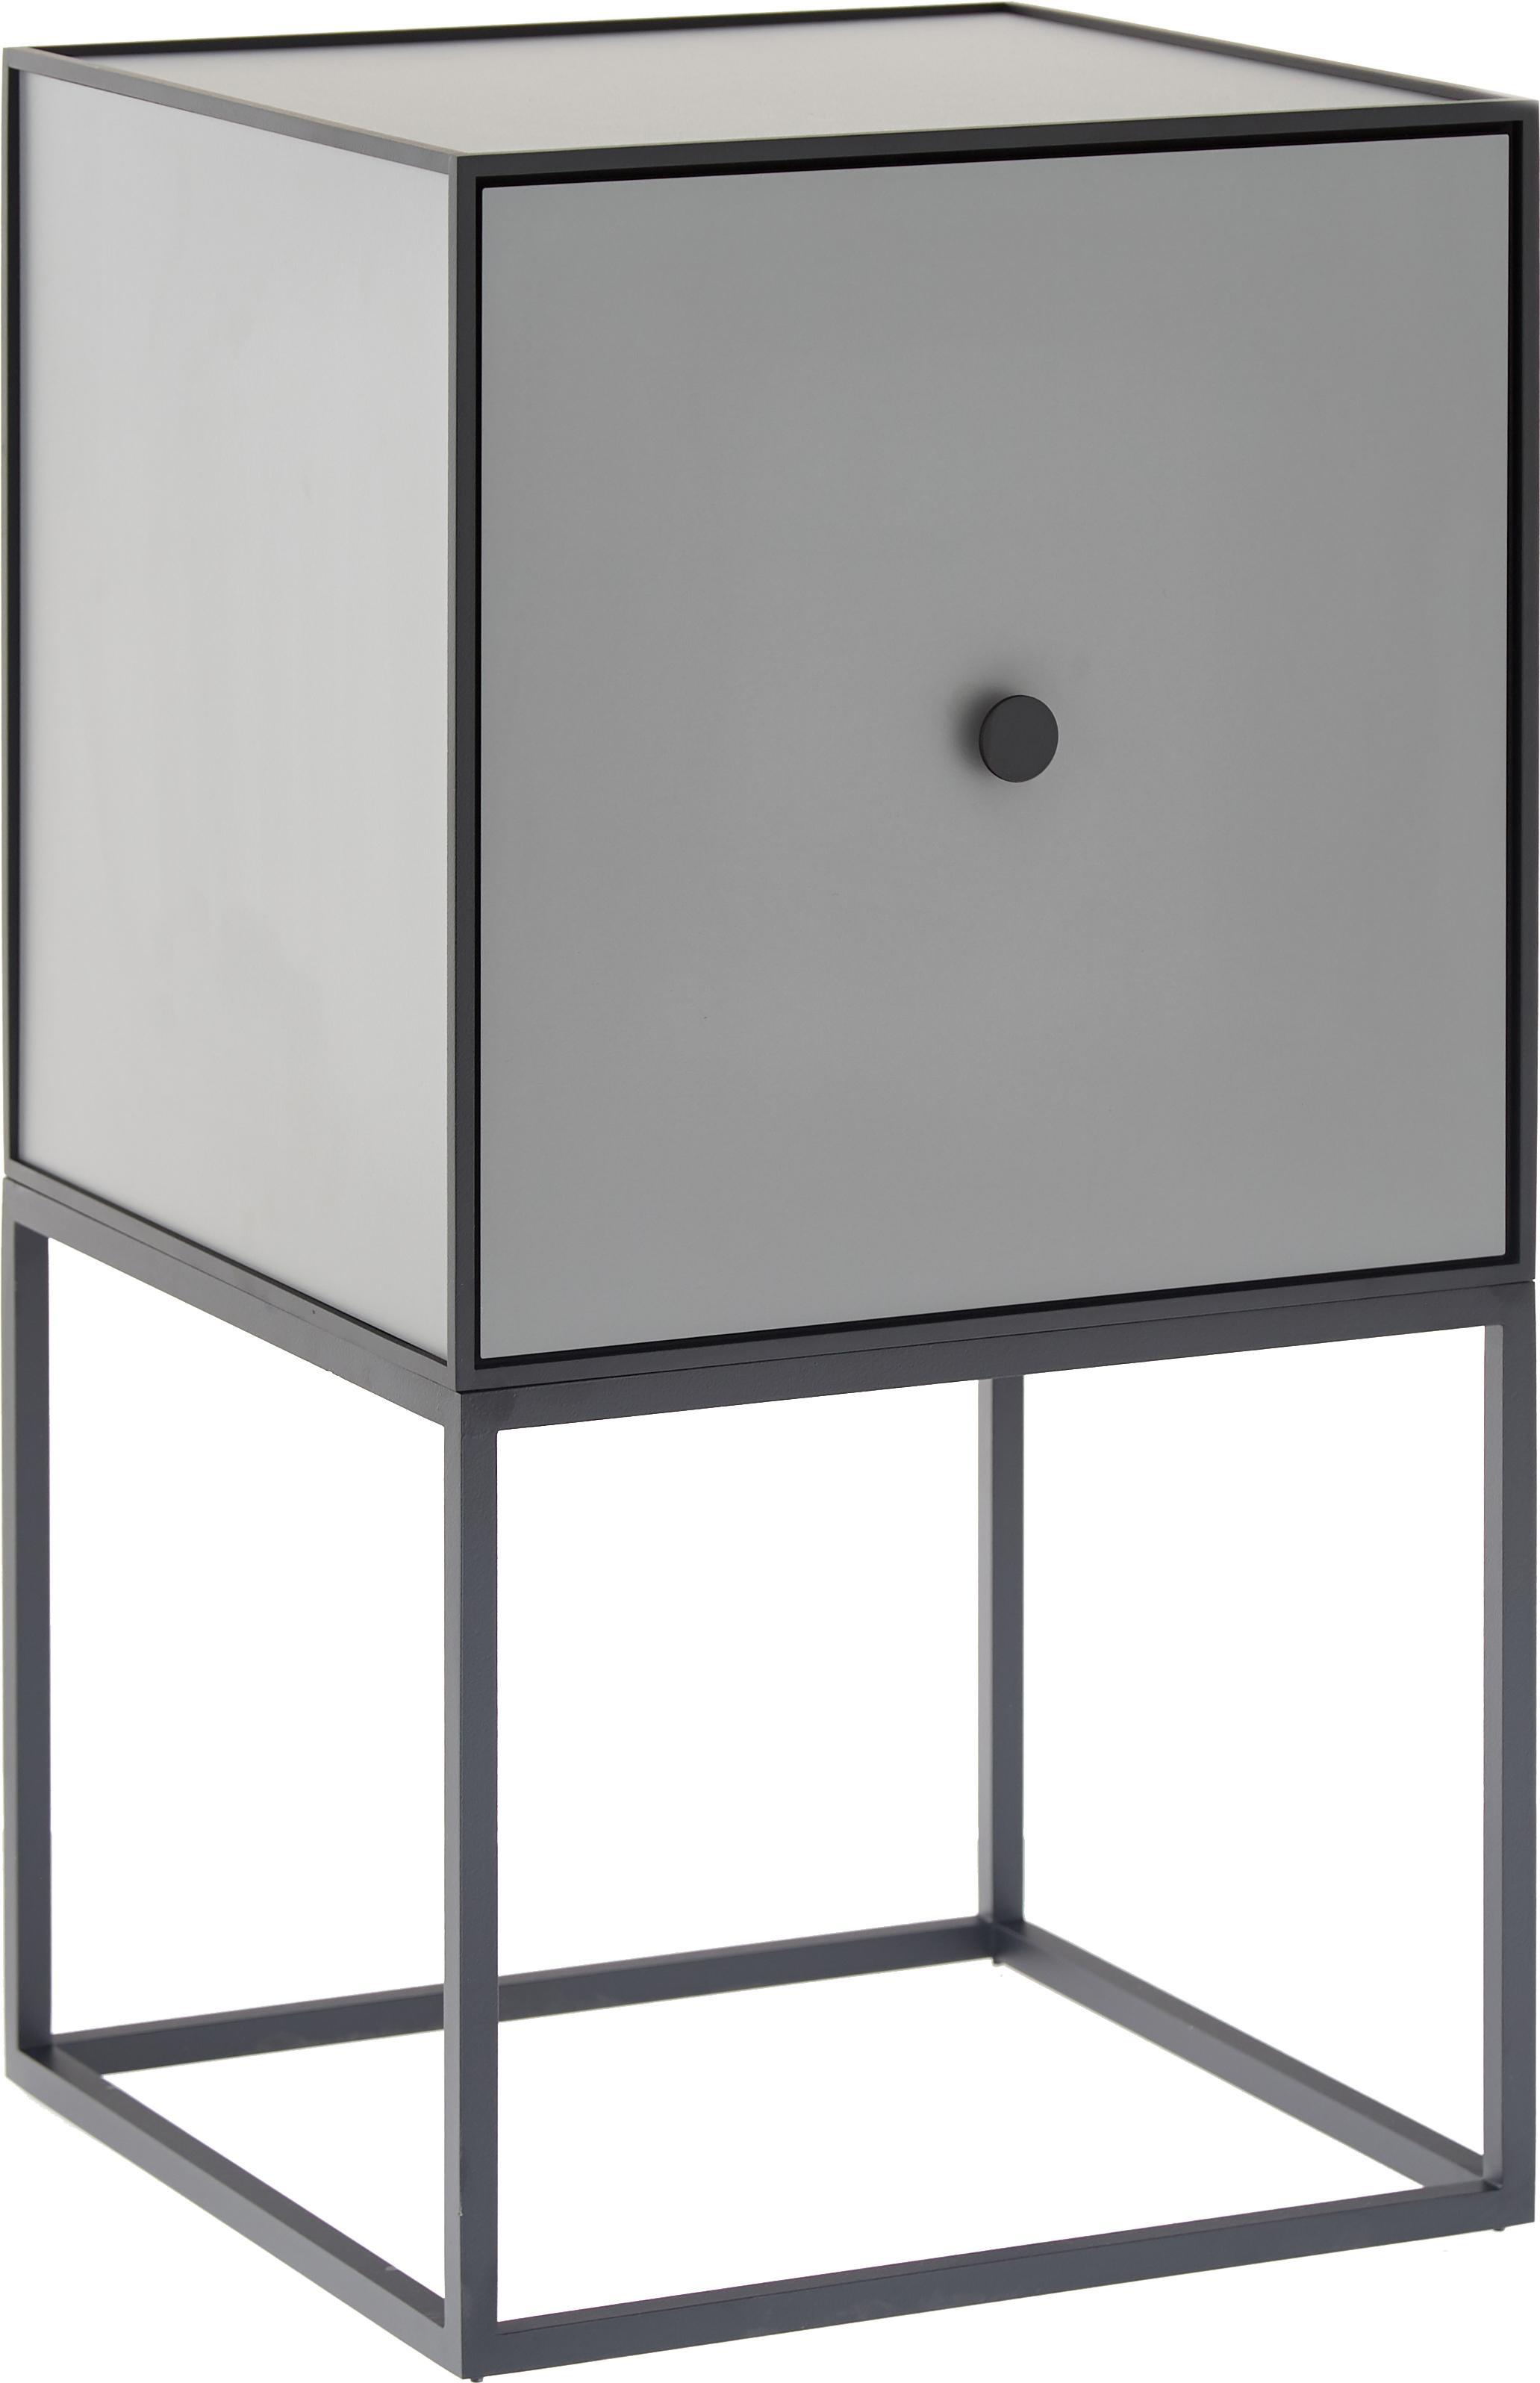 Design nachtkastje Frame, Frame en omlijsting: zwart. Kast: donkergrijs, 35 x 63 cm